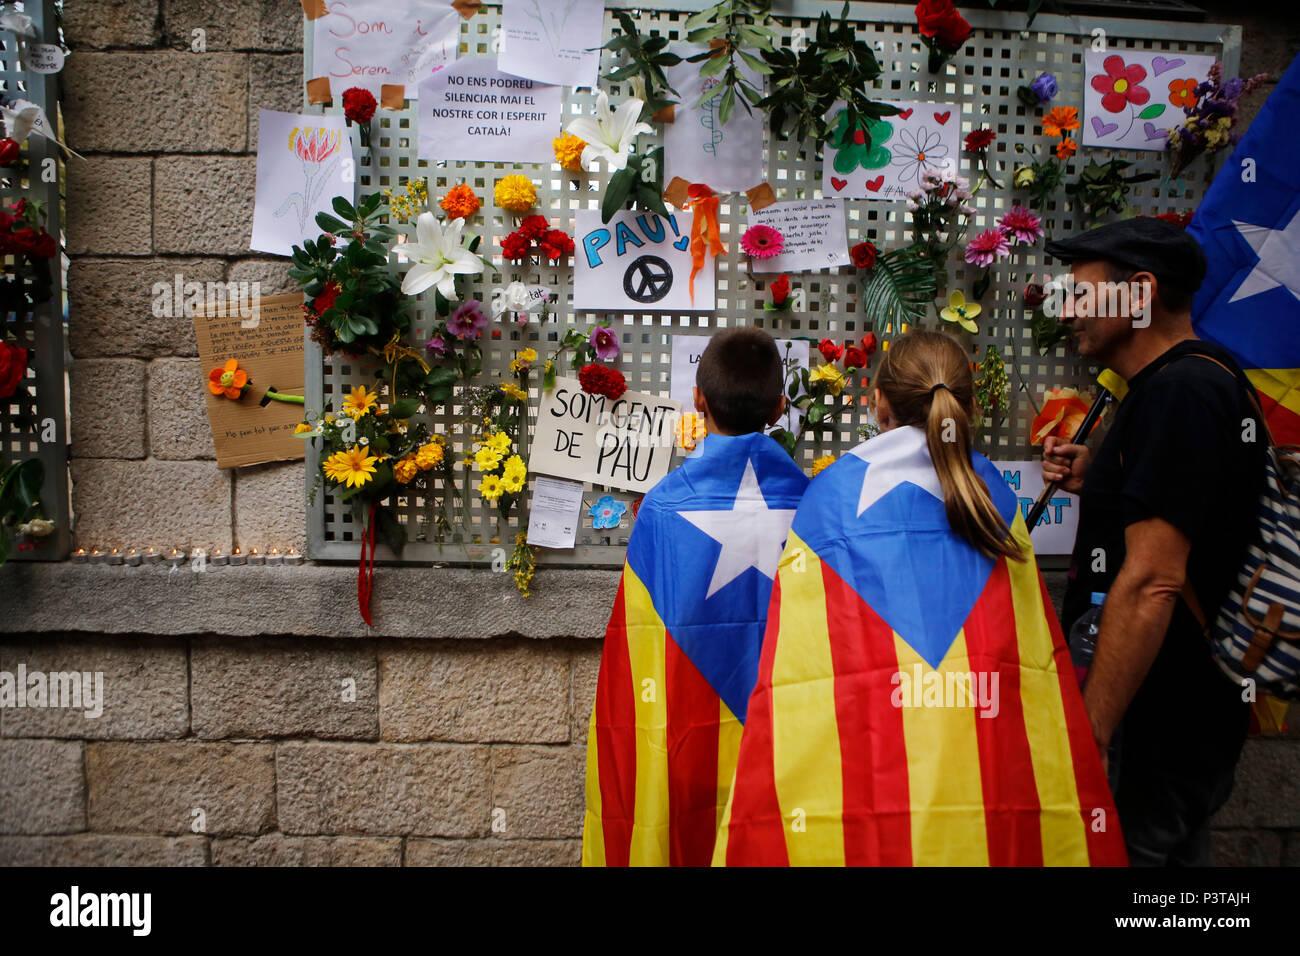 Girona, in Catalogna, Spagna - Lutto per il violento intervento della polizia il giorno del referendum sull indipendenza Immagini Stock